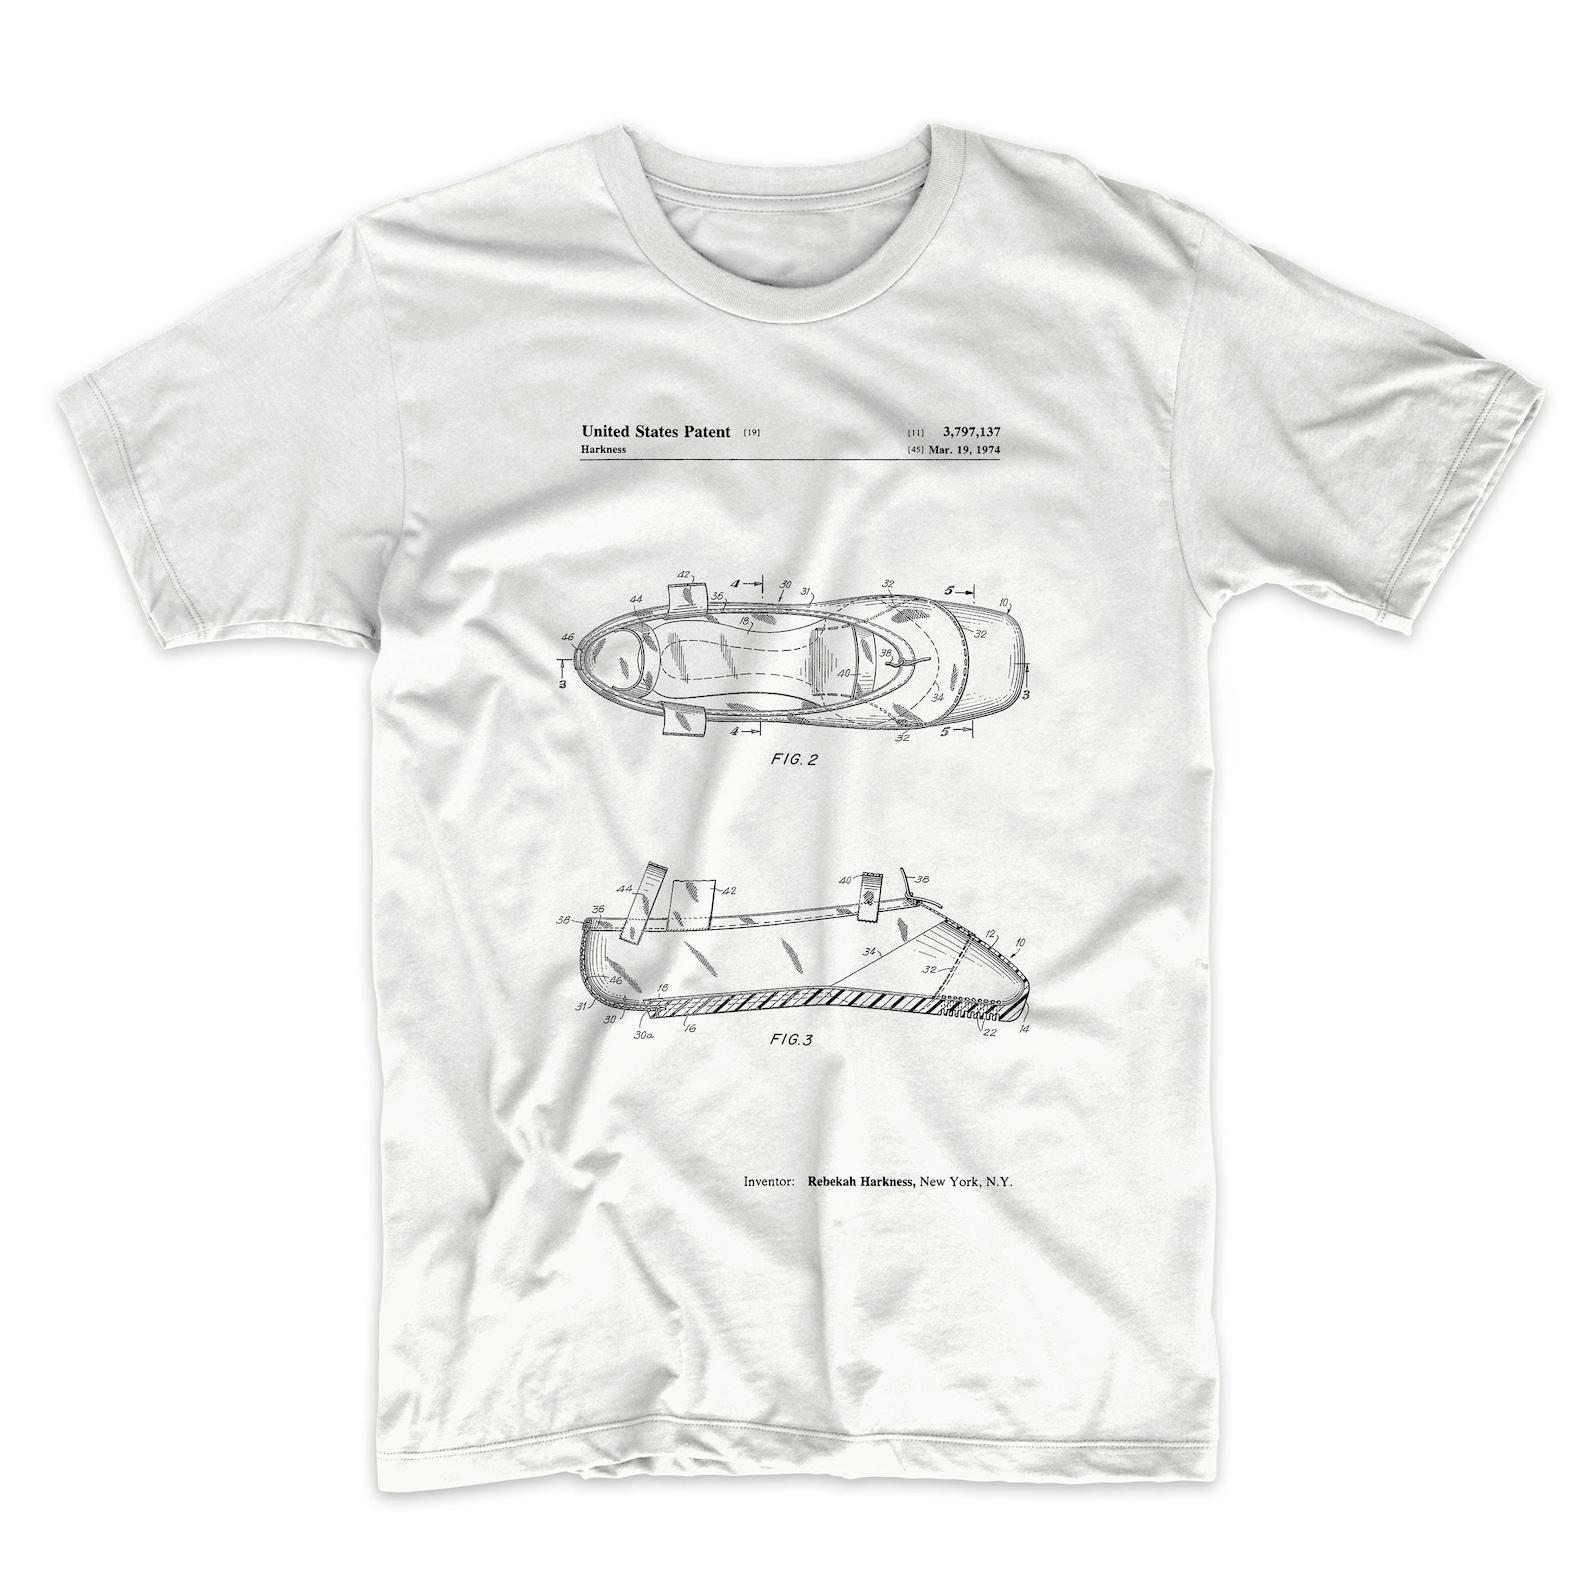 ballet slipper patent t shirt, ballerina gift, dance studio, ballet shoe, ballerina shirt, pp0267